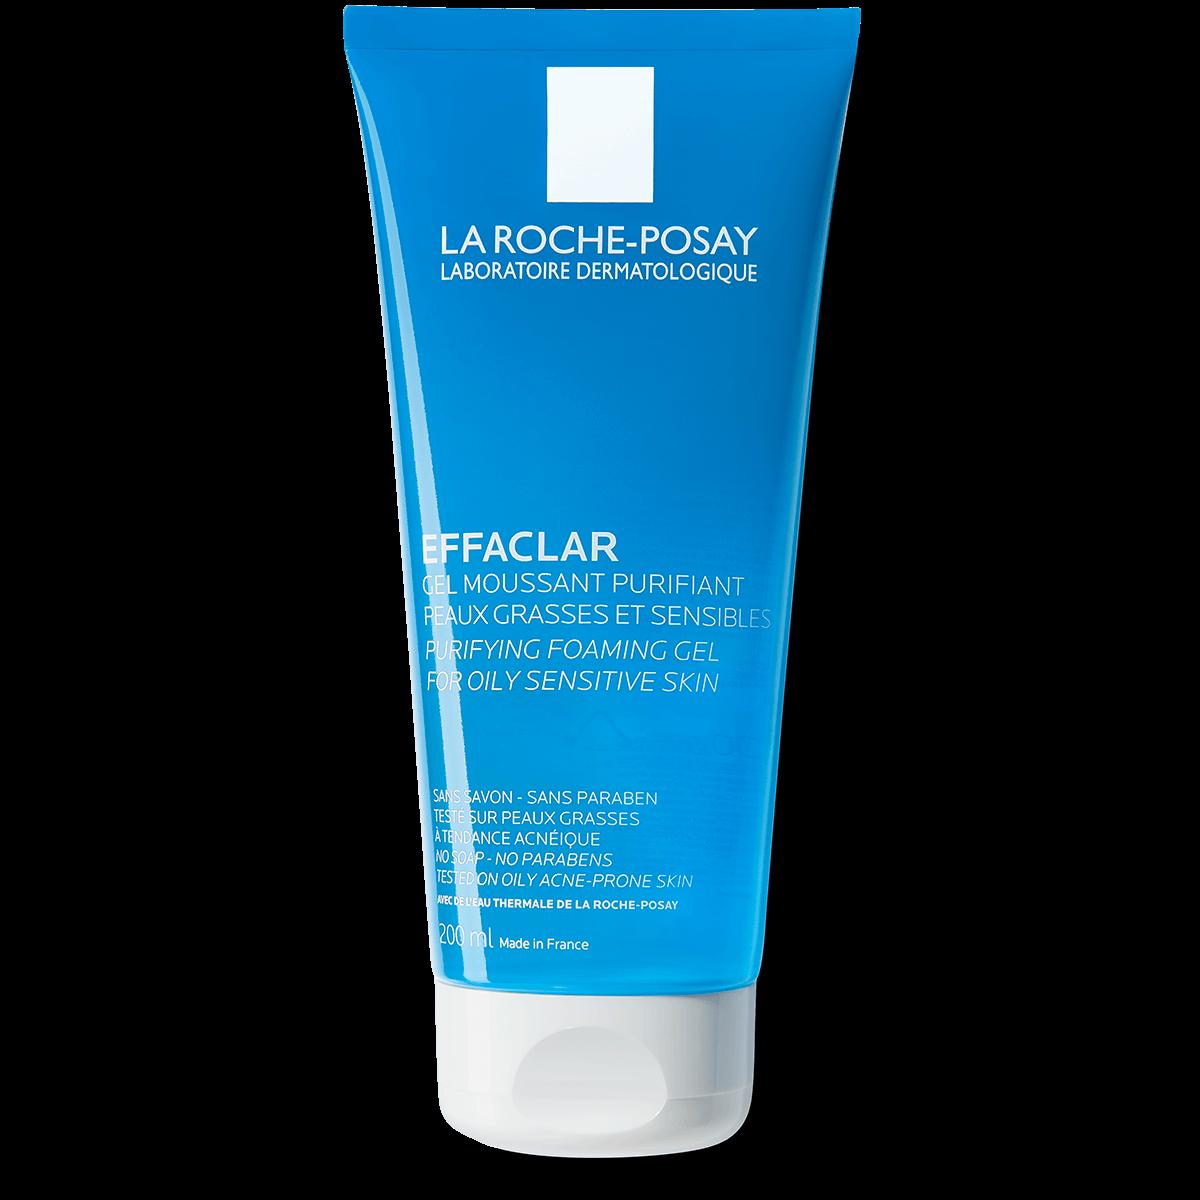 La Roche Posay Face Cleanser Effaclar Cleansing Foaming Gel 200ml 3337